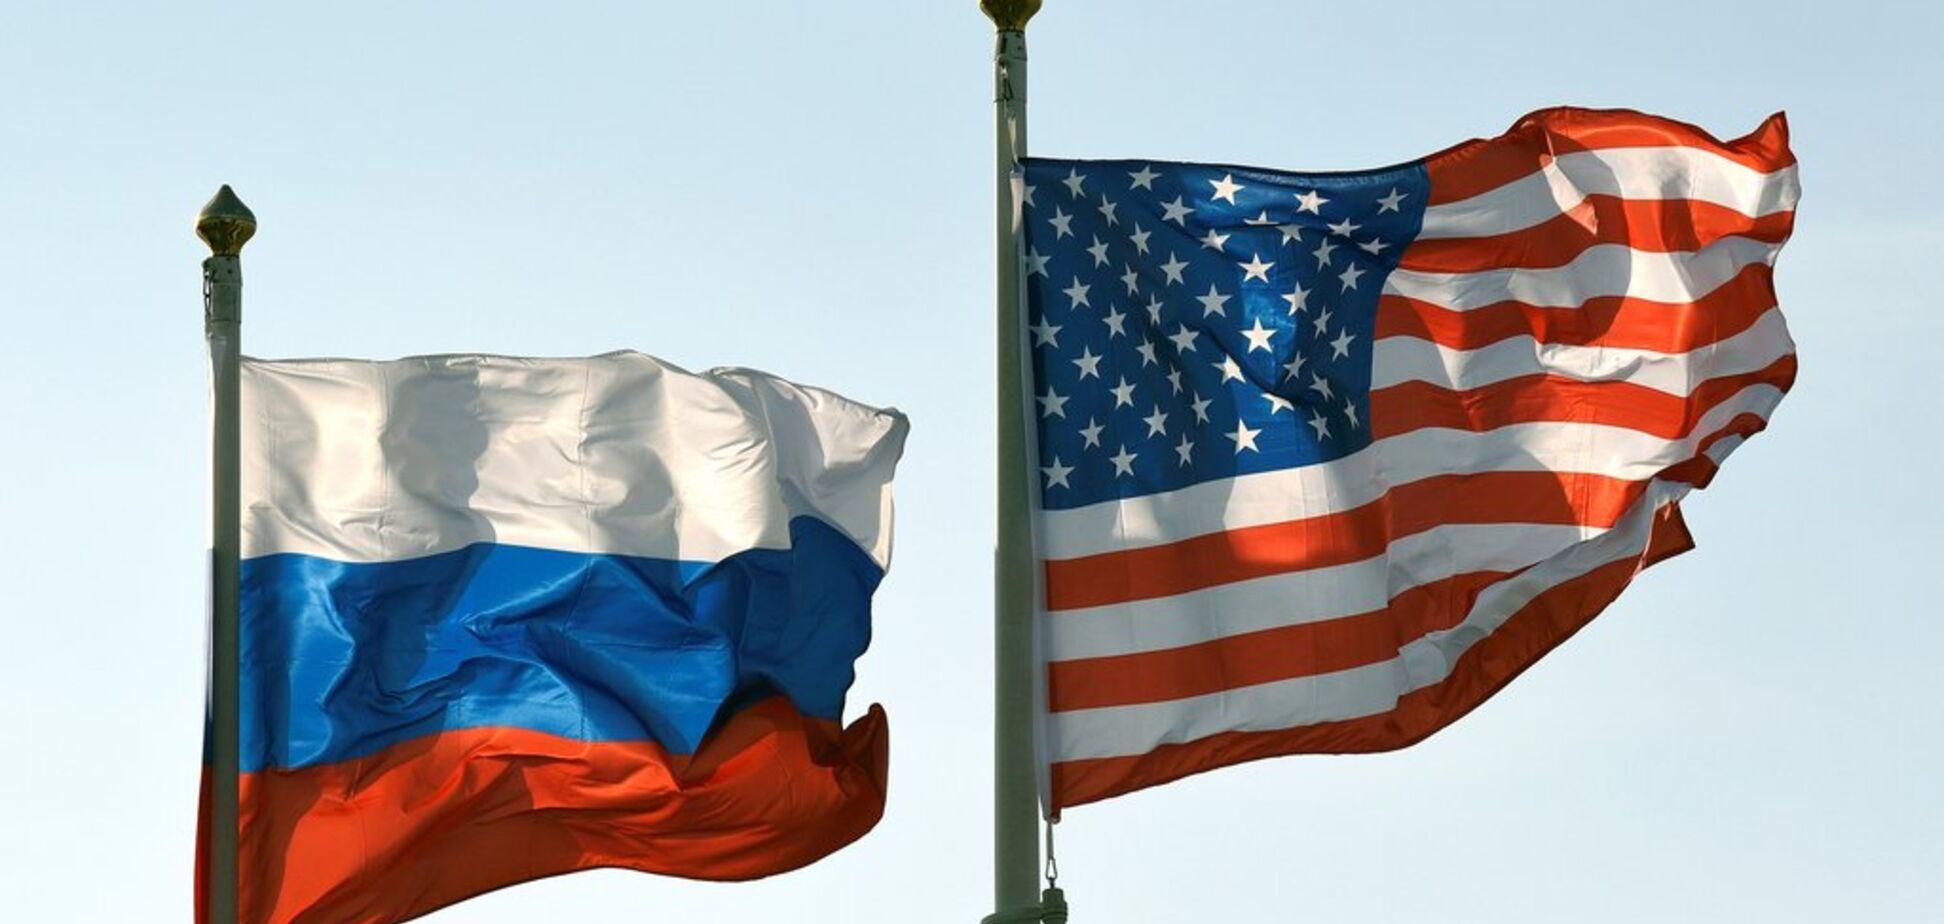 'Ядерна' опція: США пригрозили Росії відключенням від SWIFT через Україну